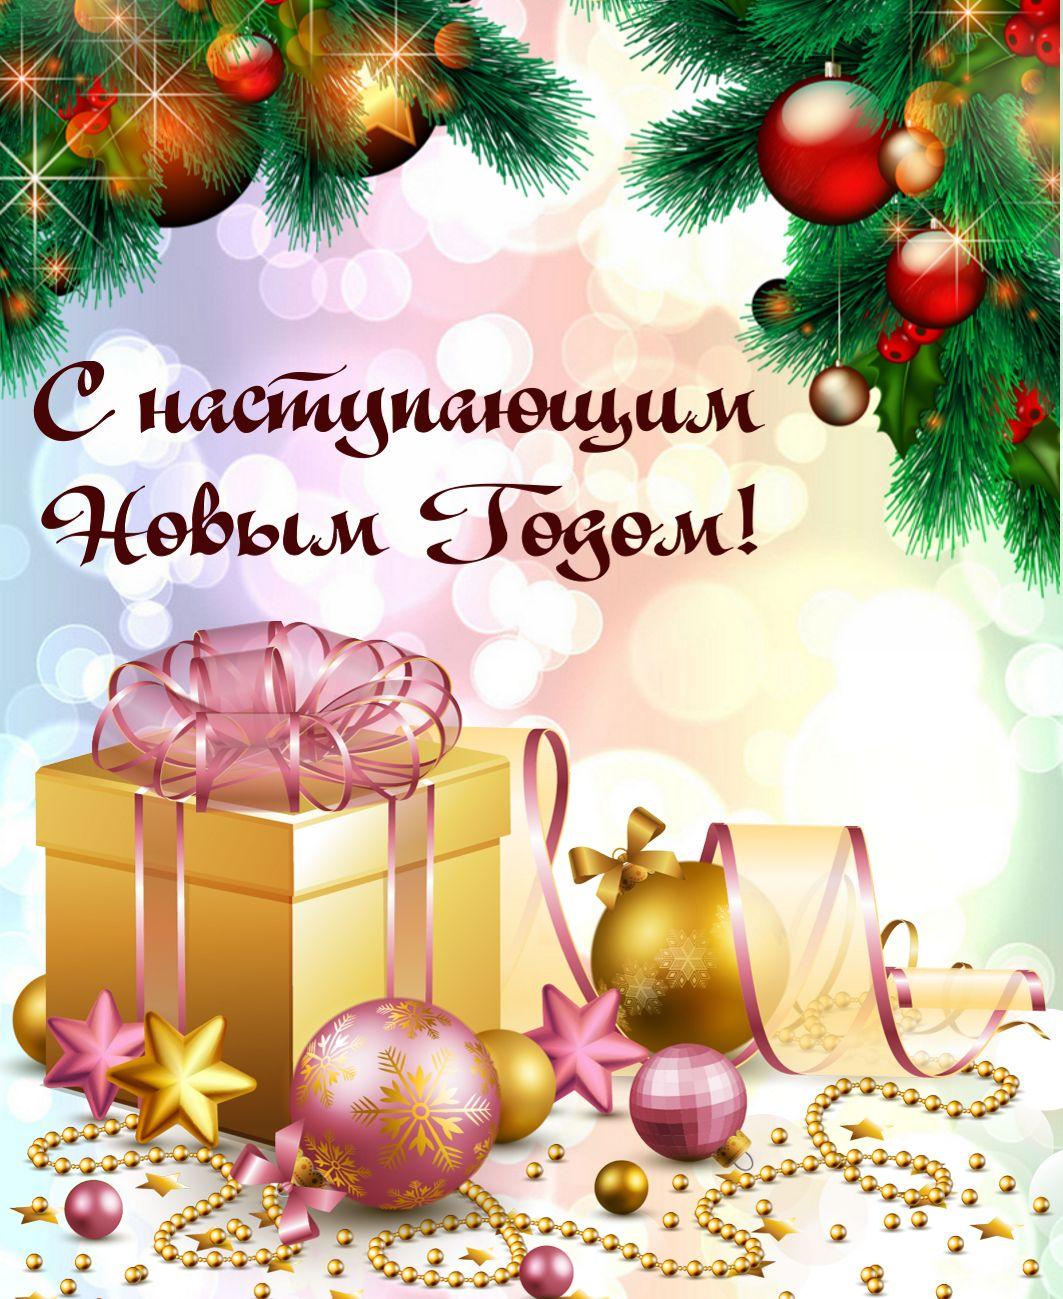 Открытка - подарок к наступающему Новому году